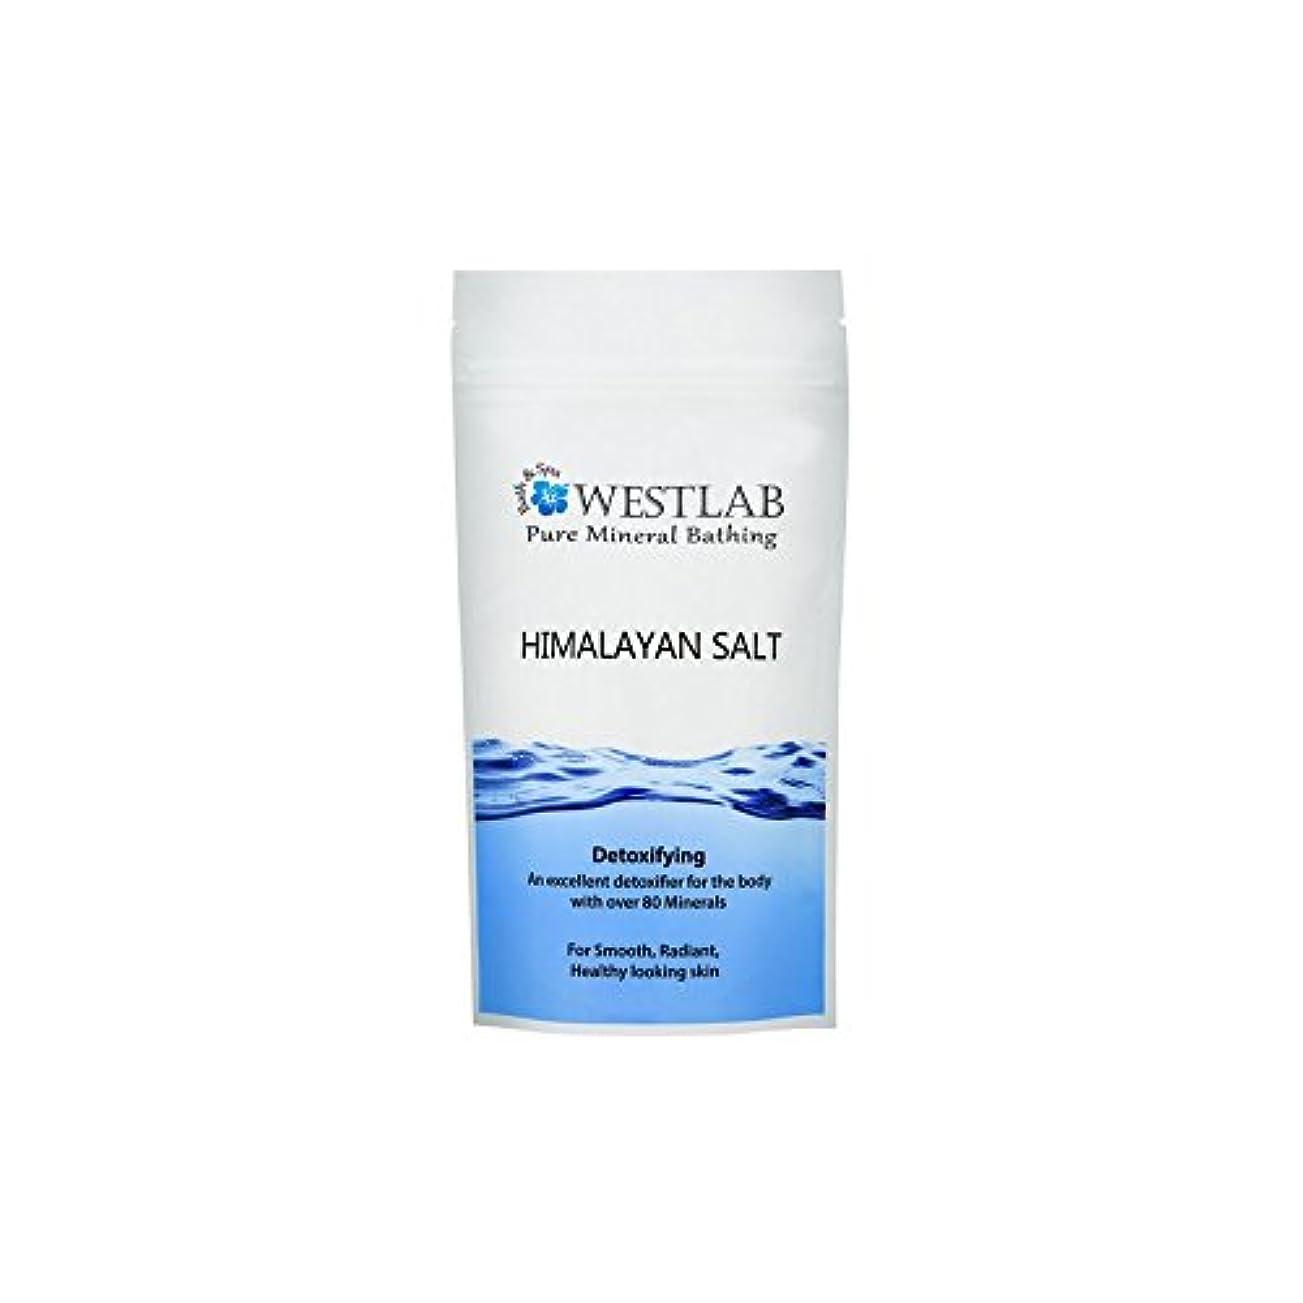 前述の立場キャンセルヒマラヤの塩500グラム x4 - Westlab Himalayan Salt 500g (Pack of 4) [並行輸入品]